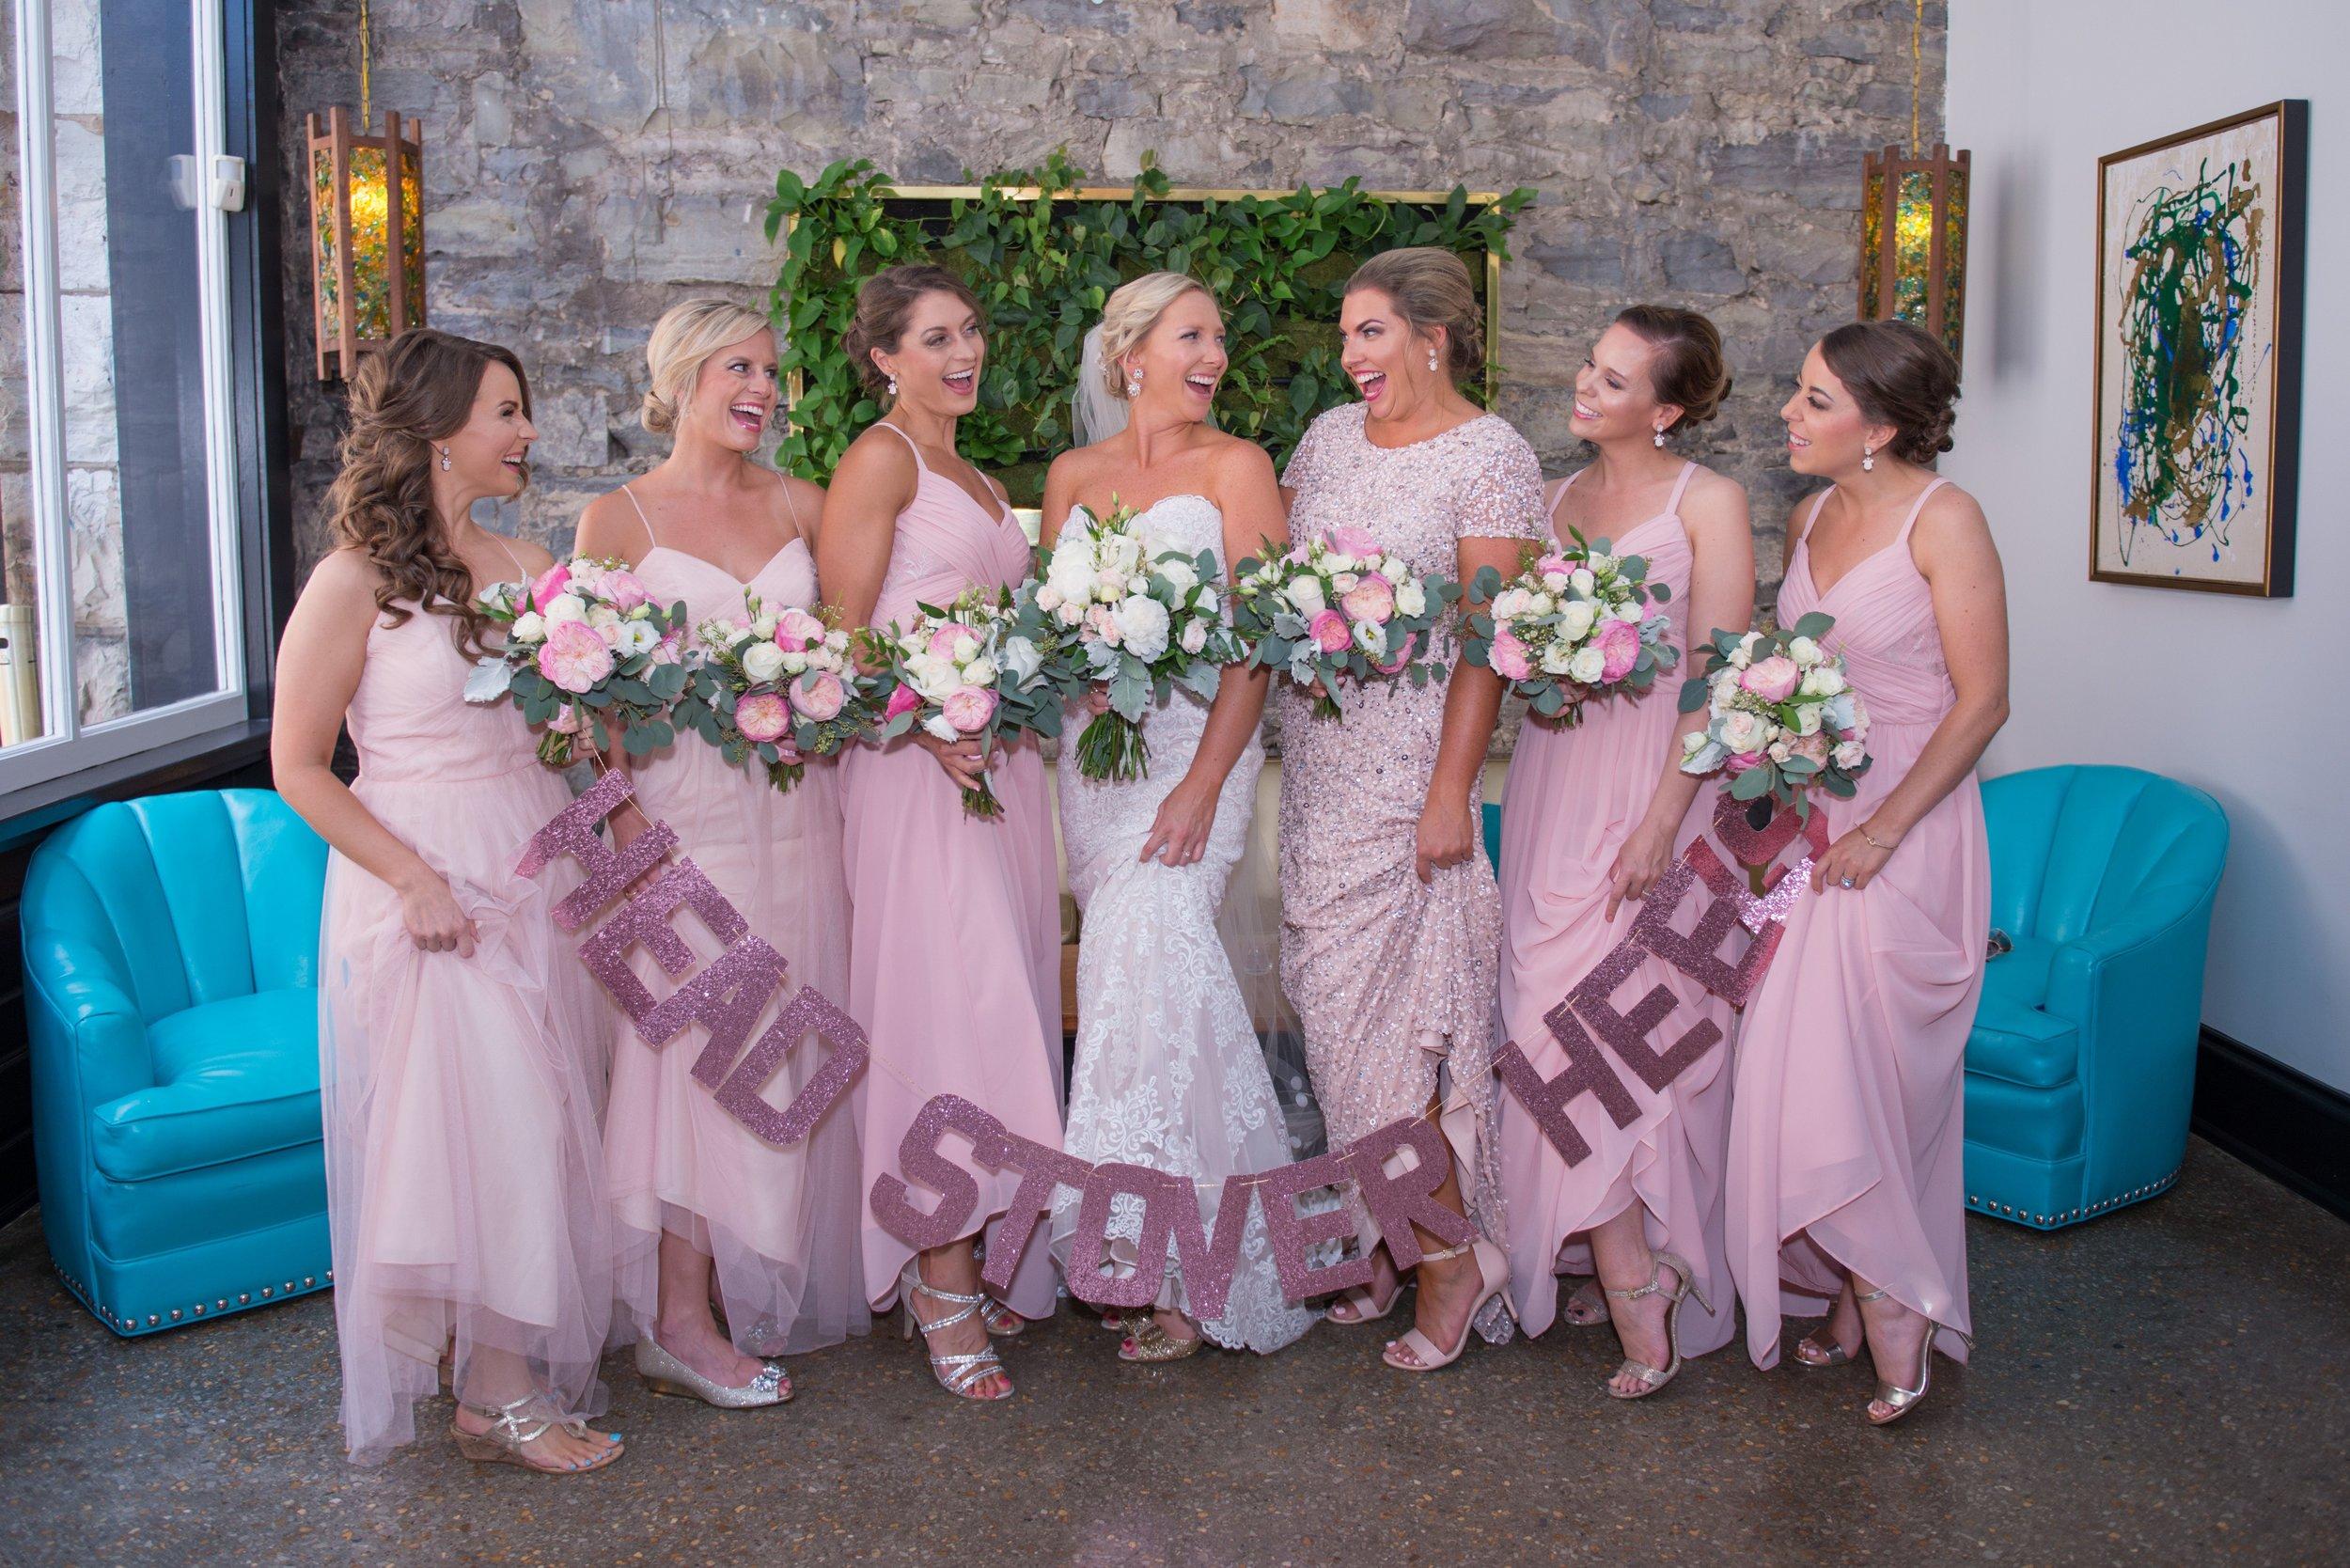 00001_Stover-WeddingSp-48.jpg